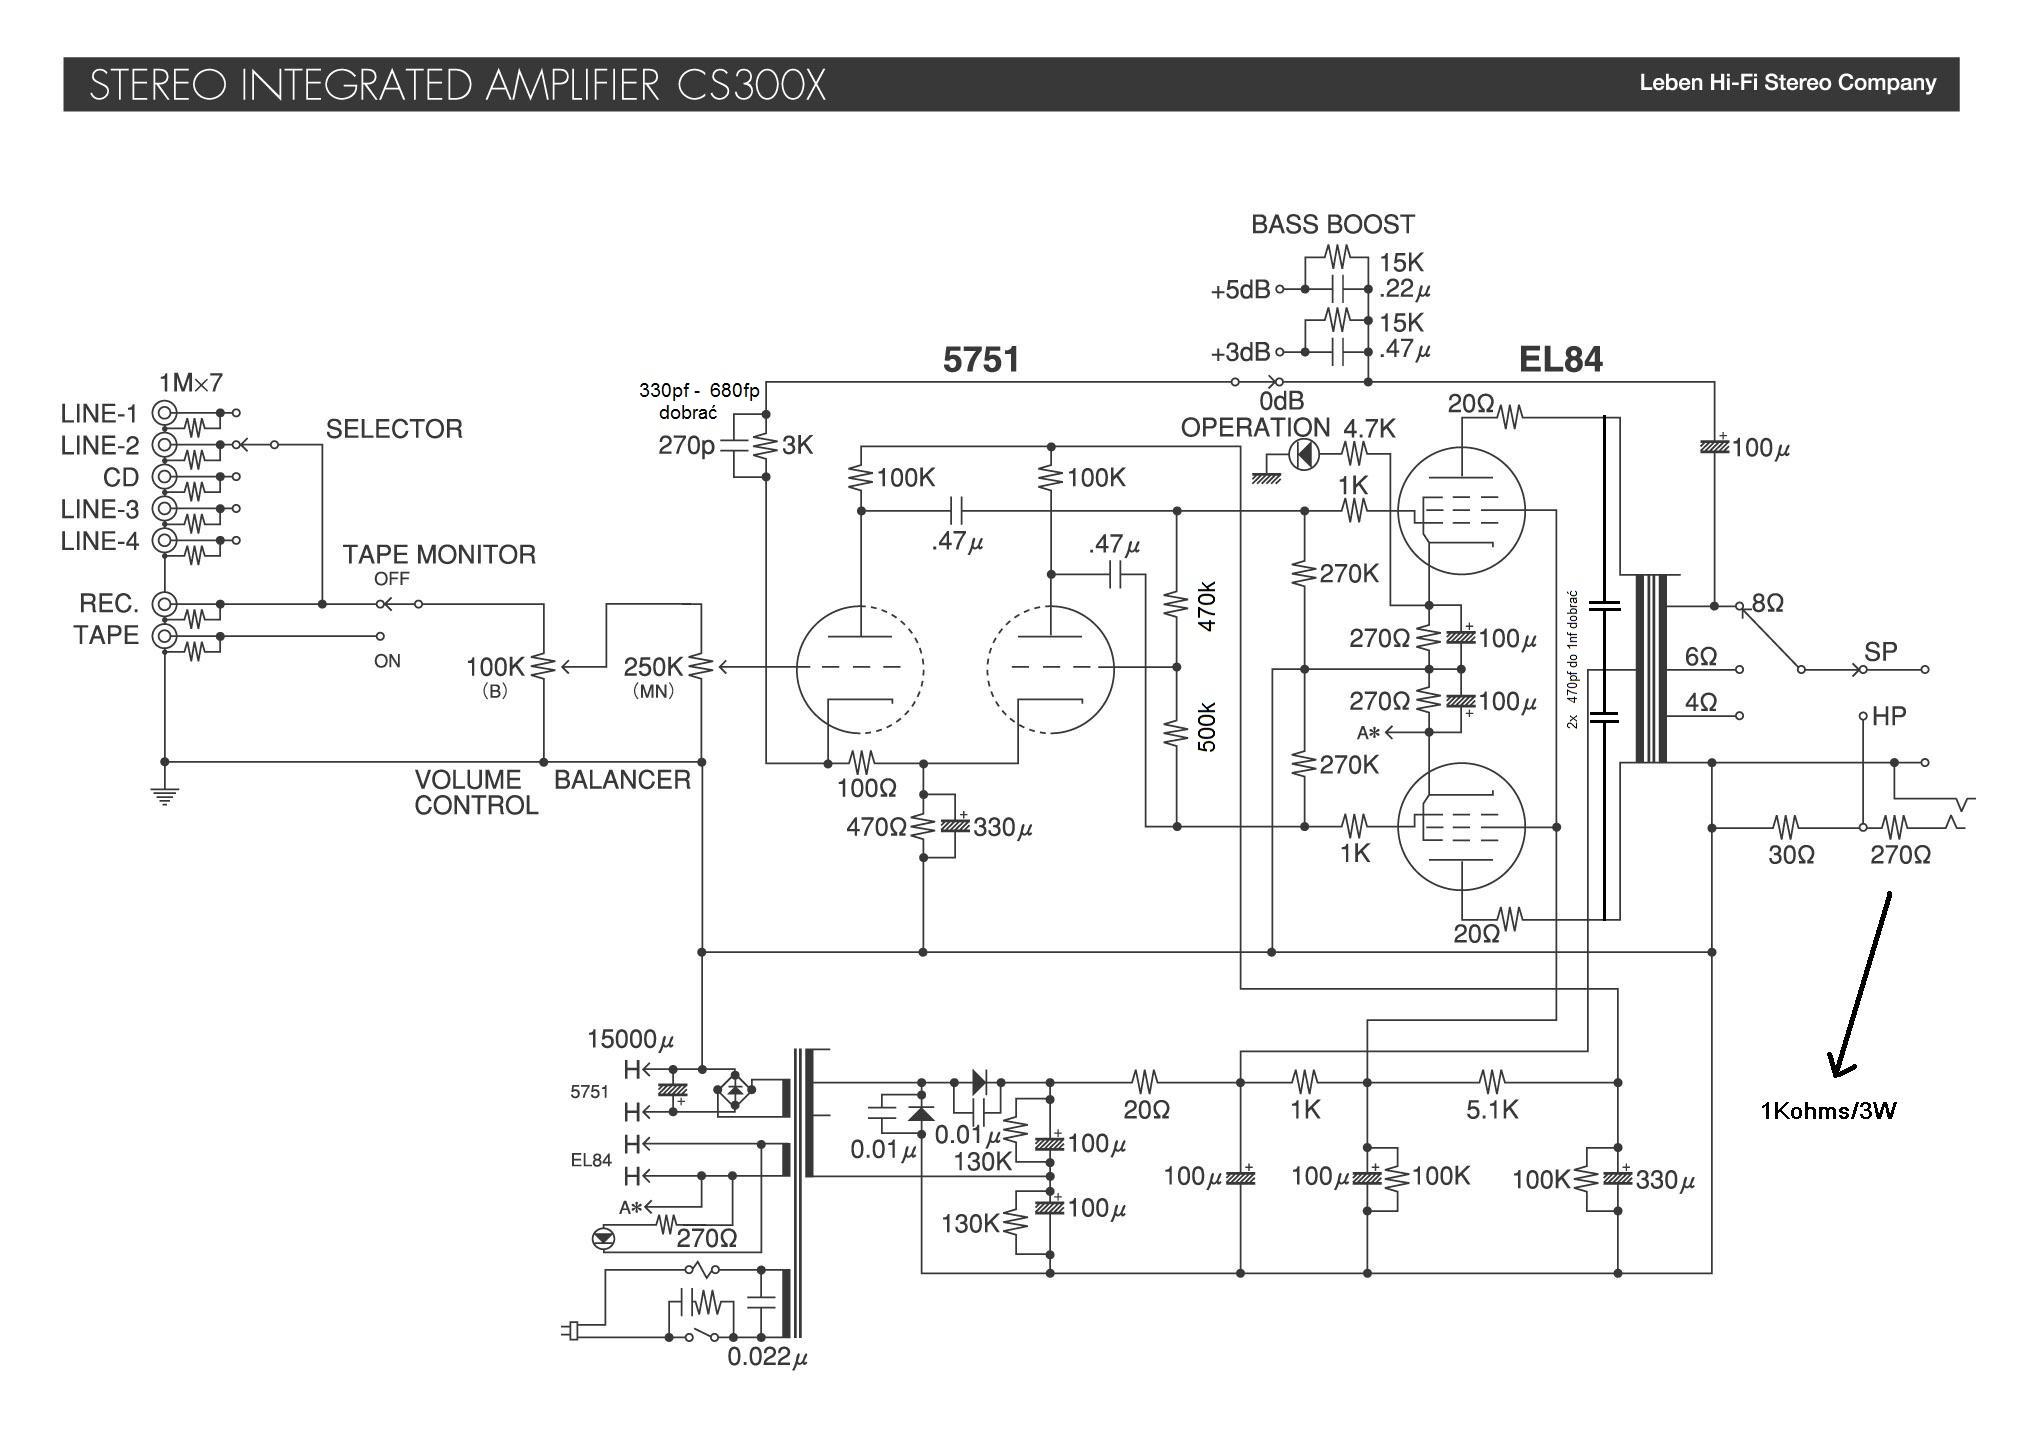 El84 Pp Jaki Wzmacniacz Wybra 5 2x5w Stereo Audio Amplifier Based Ta7227 Circuit Diagram